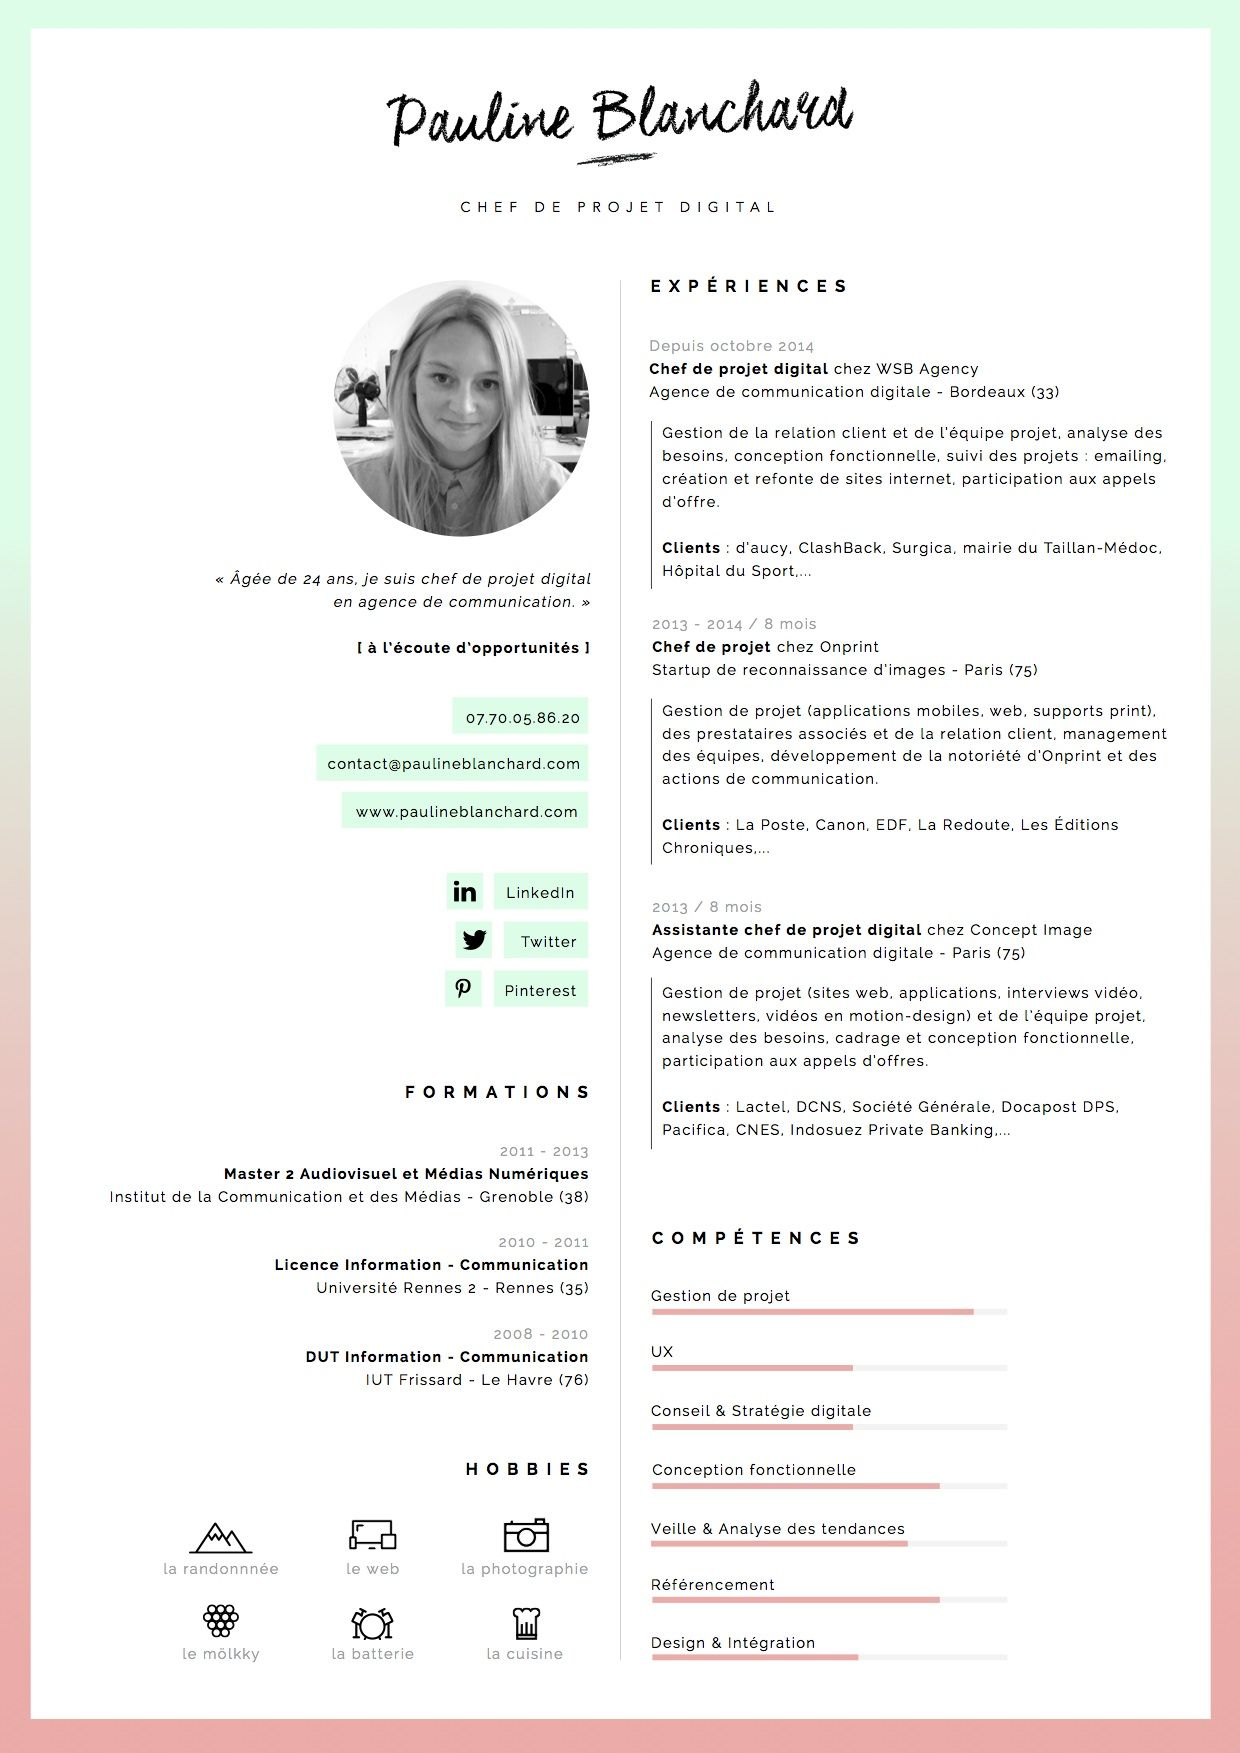 Cv Pauline Blanchard Chef De Projet Digital  Bordeaux   L